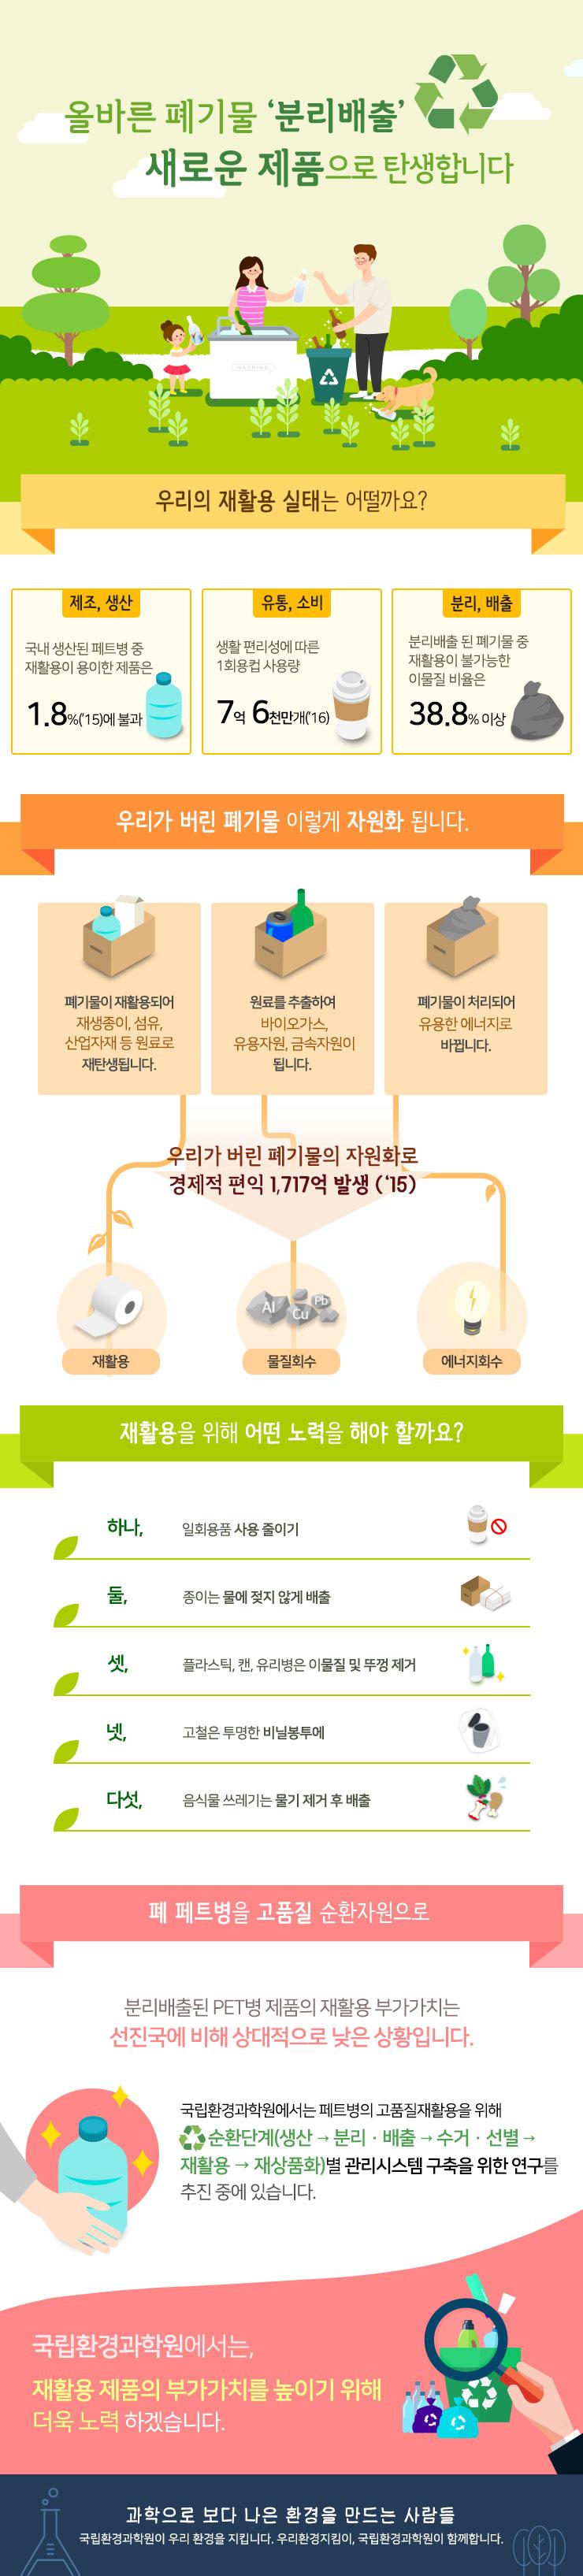 폐기물-분리-배출-방법